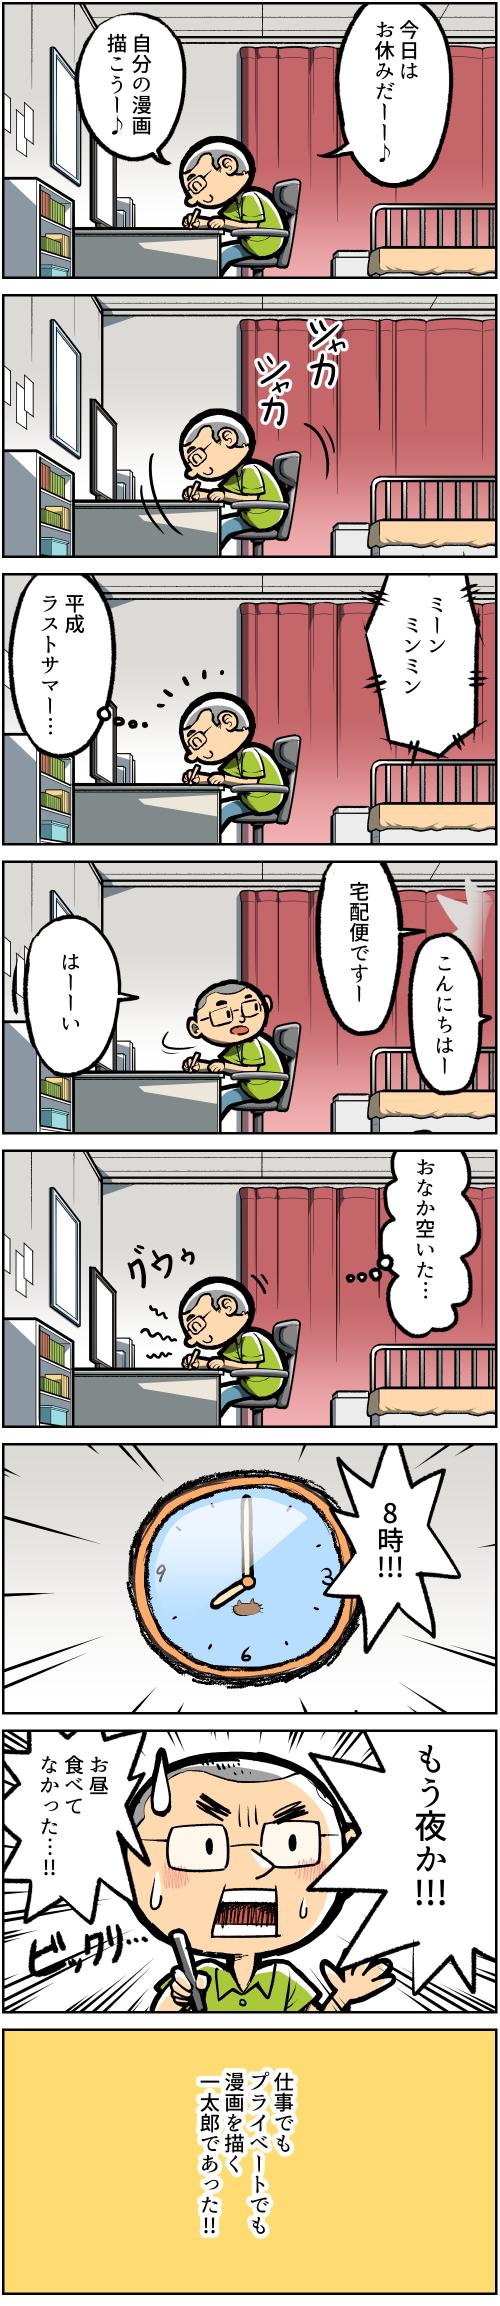 weekly_comic_26.jpg